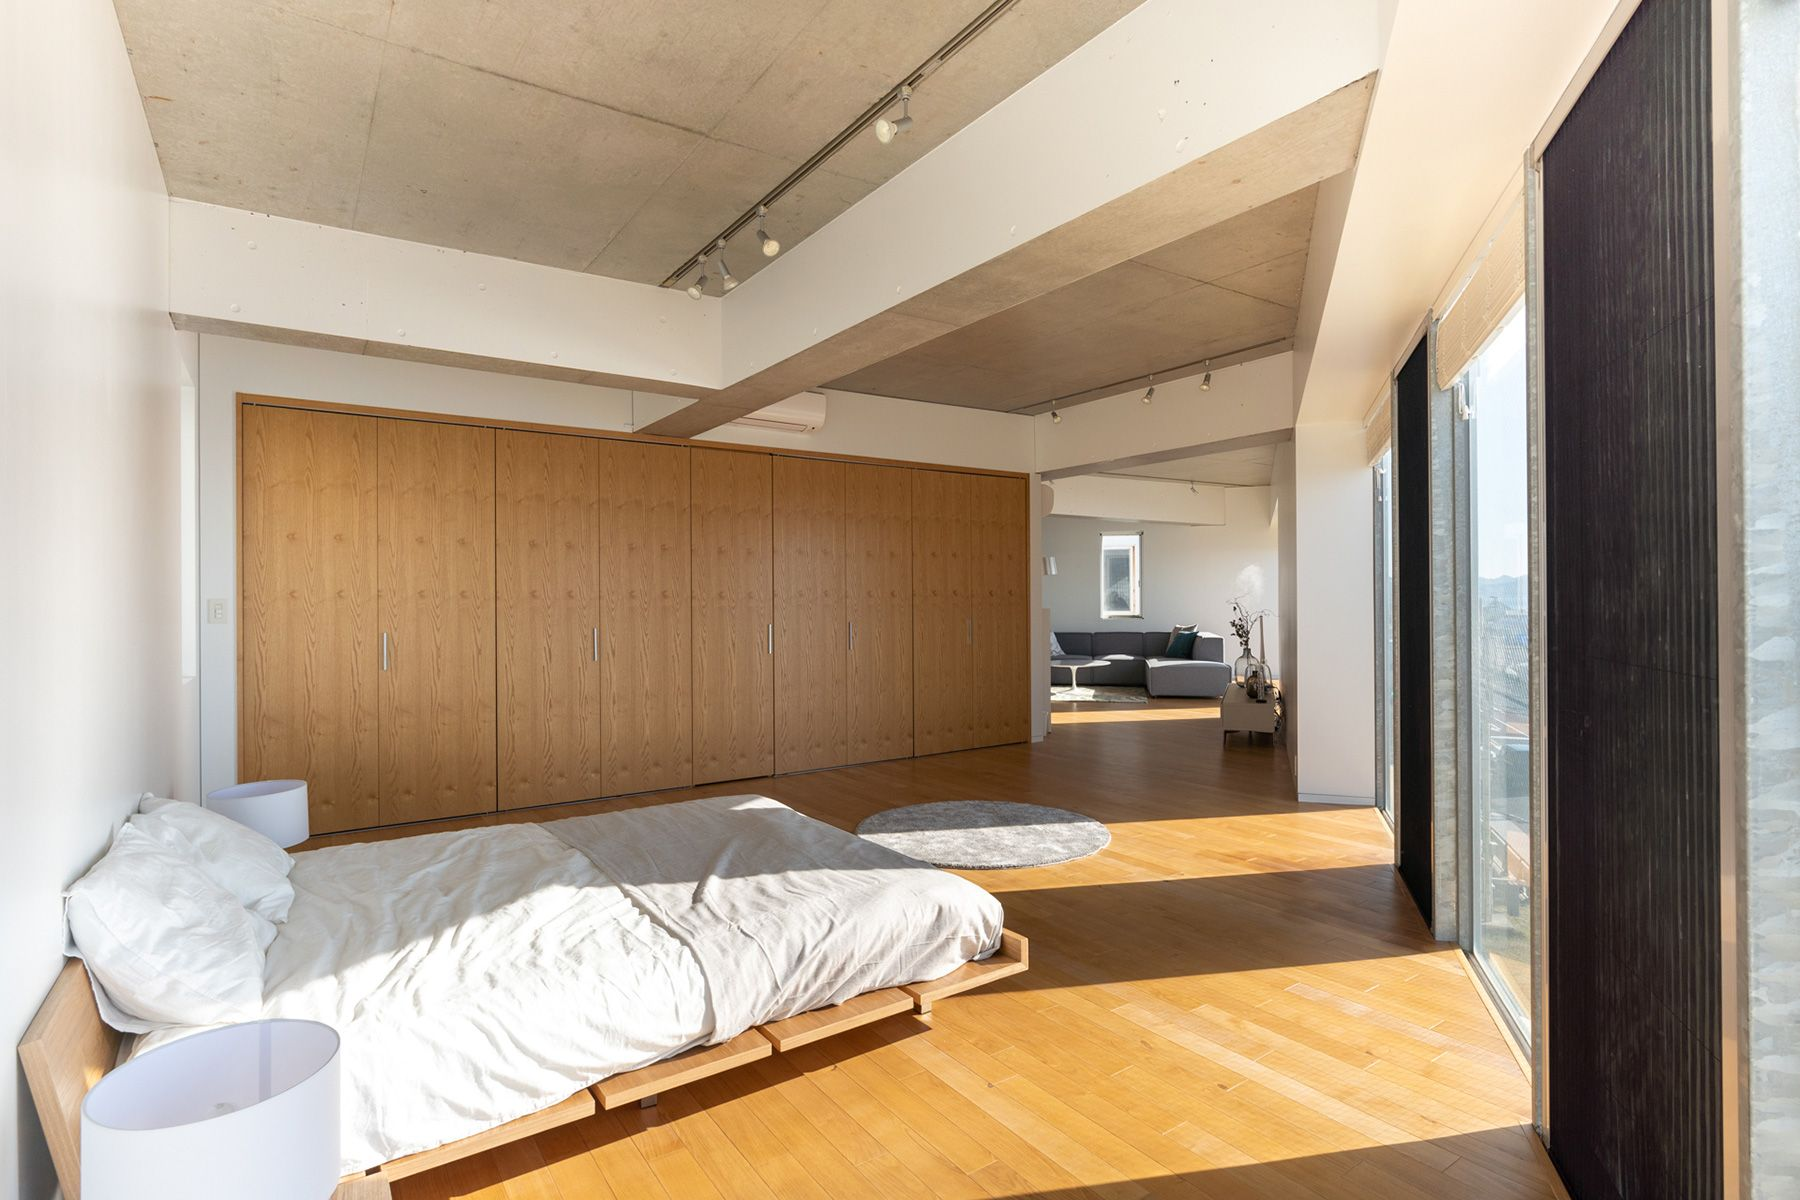 湘南撮影スタジオ (ショウナンサツエイスタジオ)ベッドルームからリビング